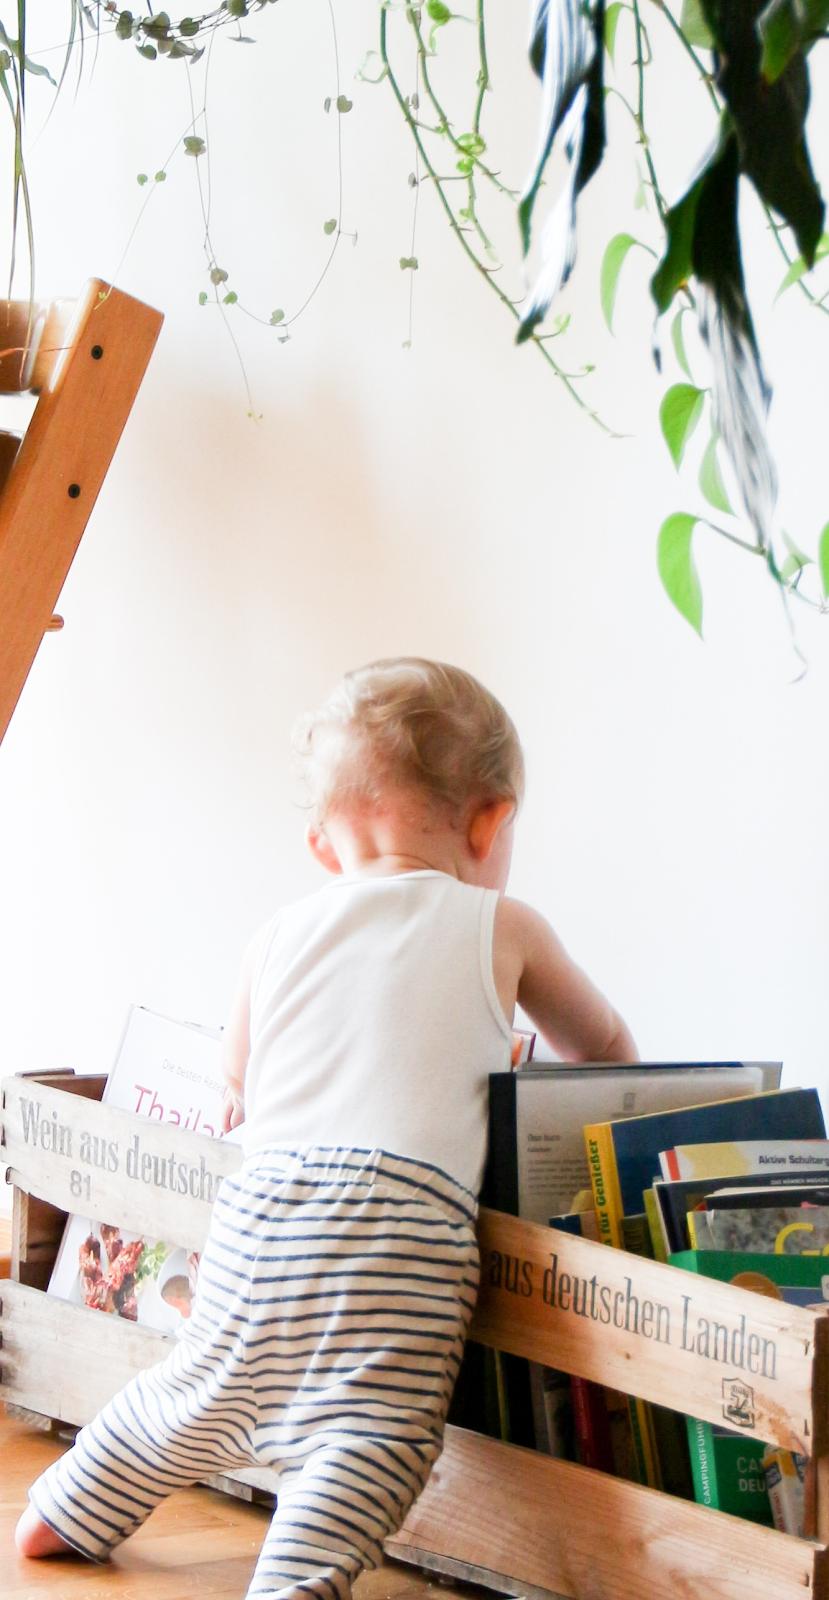 Rangement livre, espace calme, bébé se sert tout seul, bébé explore, rangement pour livres enfant